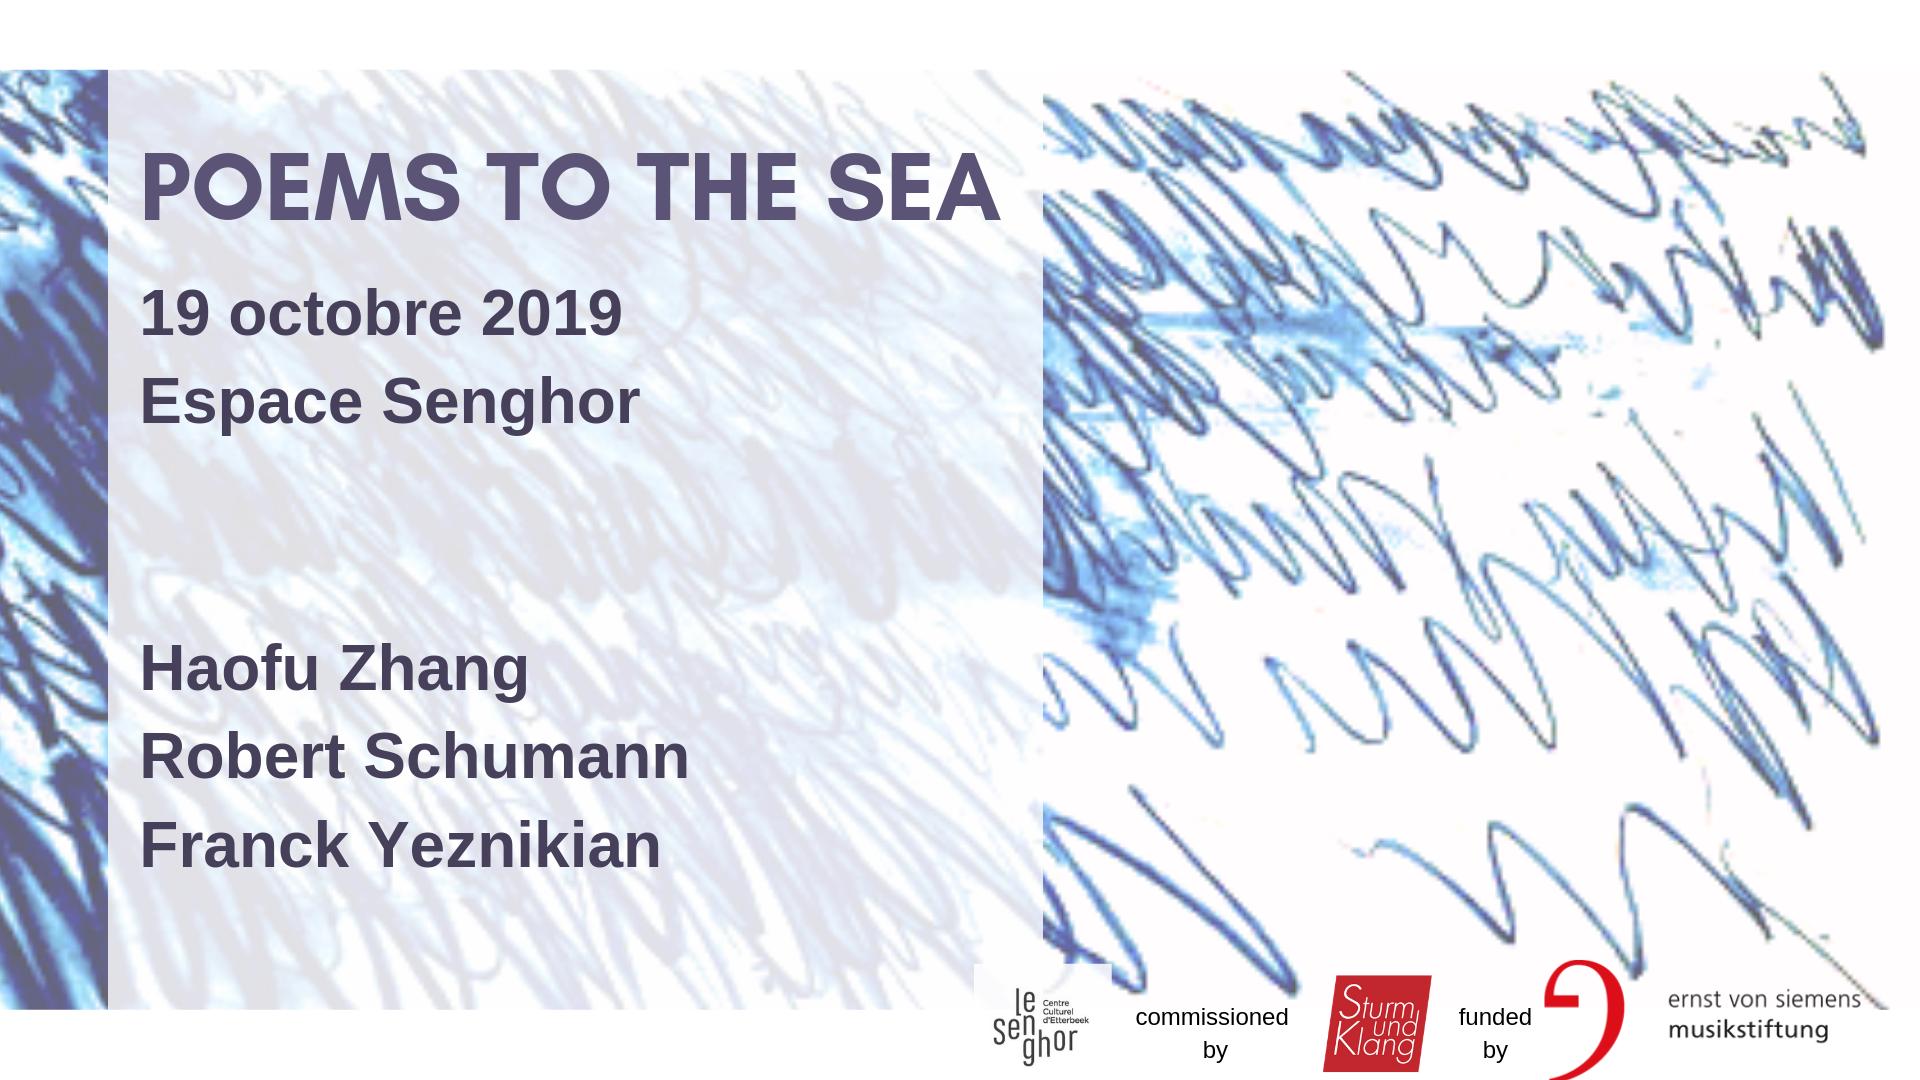 Ev fb poems to the sea 2